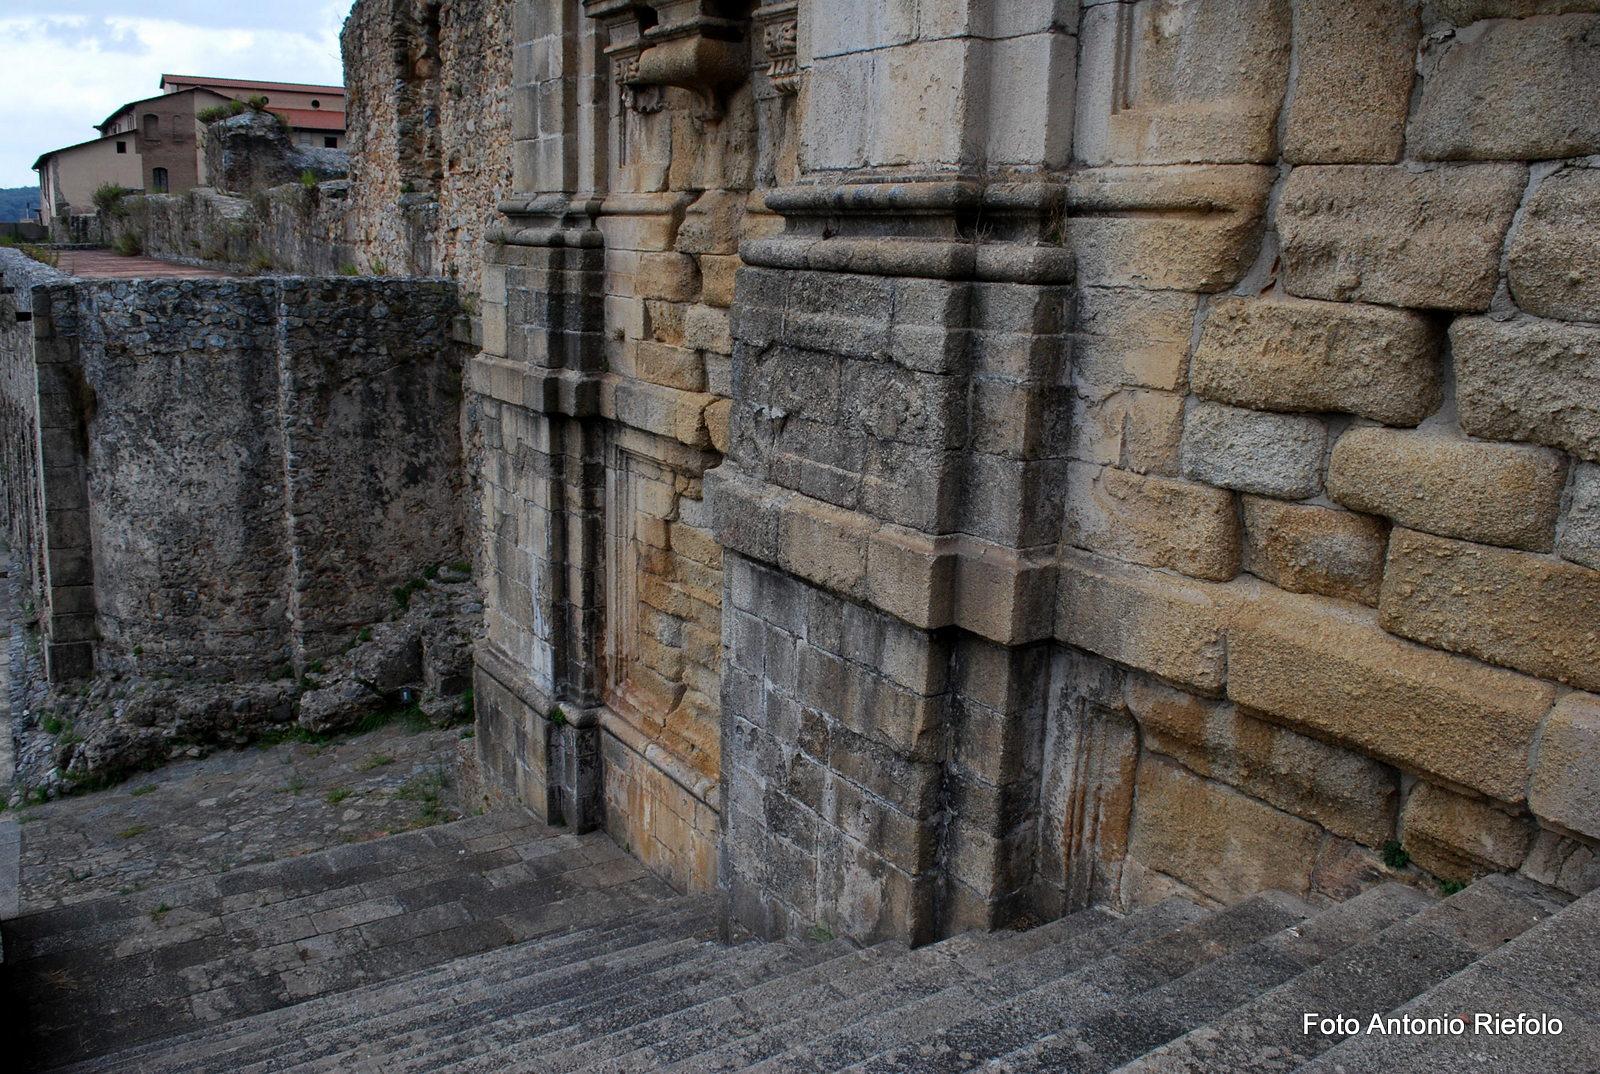 cattedrale_di_san_domenico_resti_(3)